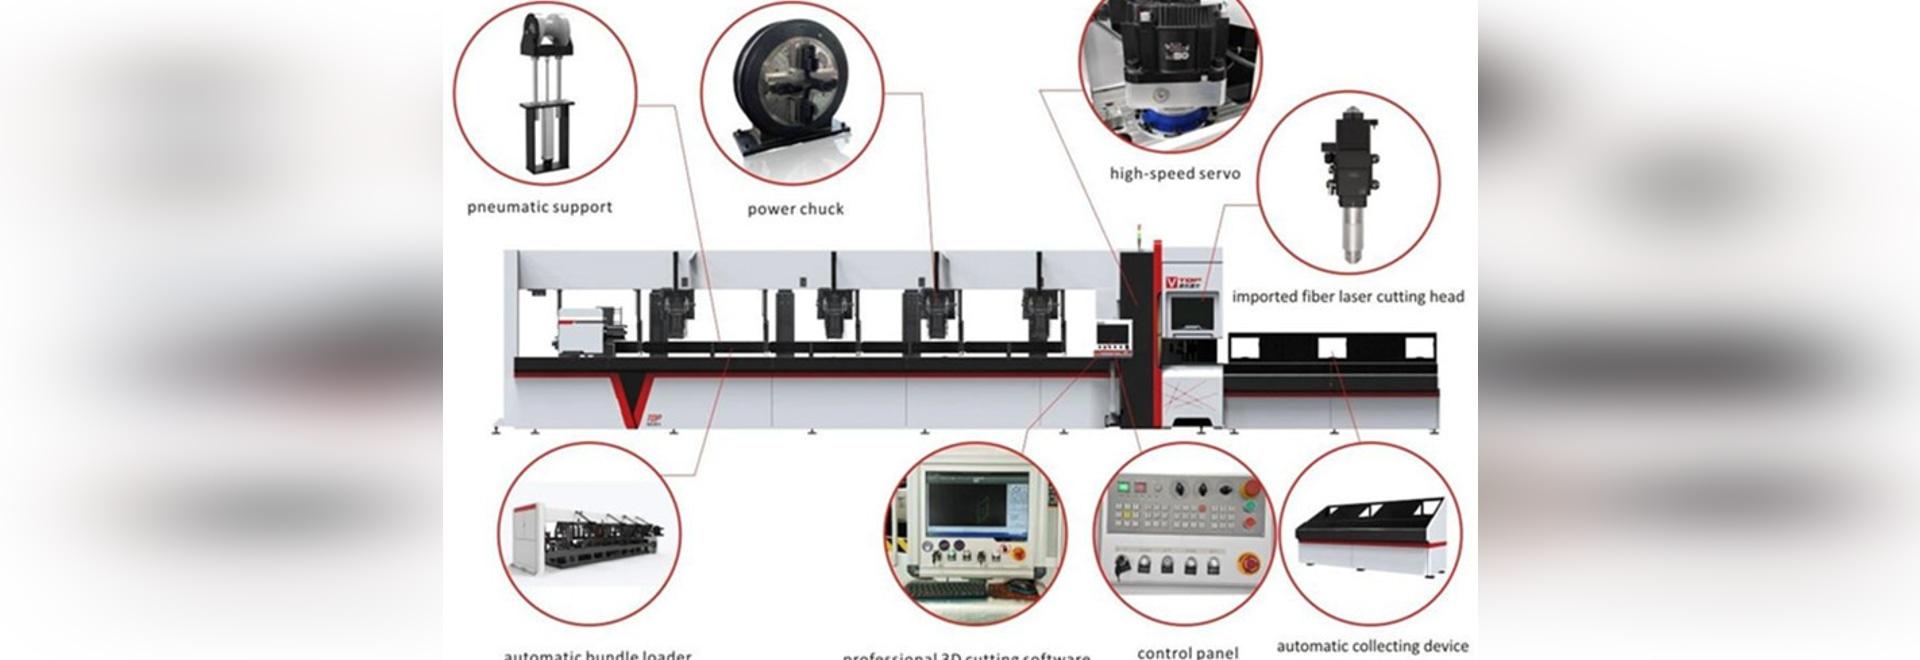 découpeuse inoxydable 3000w/d'acier au carbone tube de fibre de laser avec le chargeur automatique de paquet